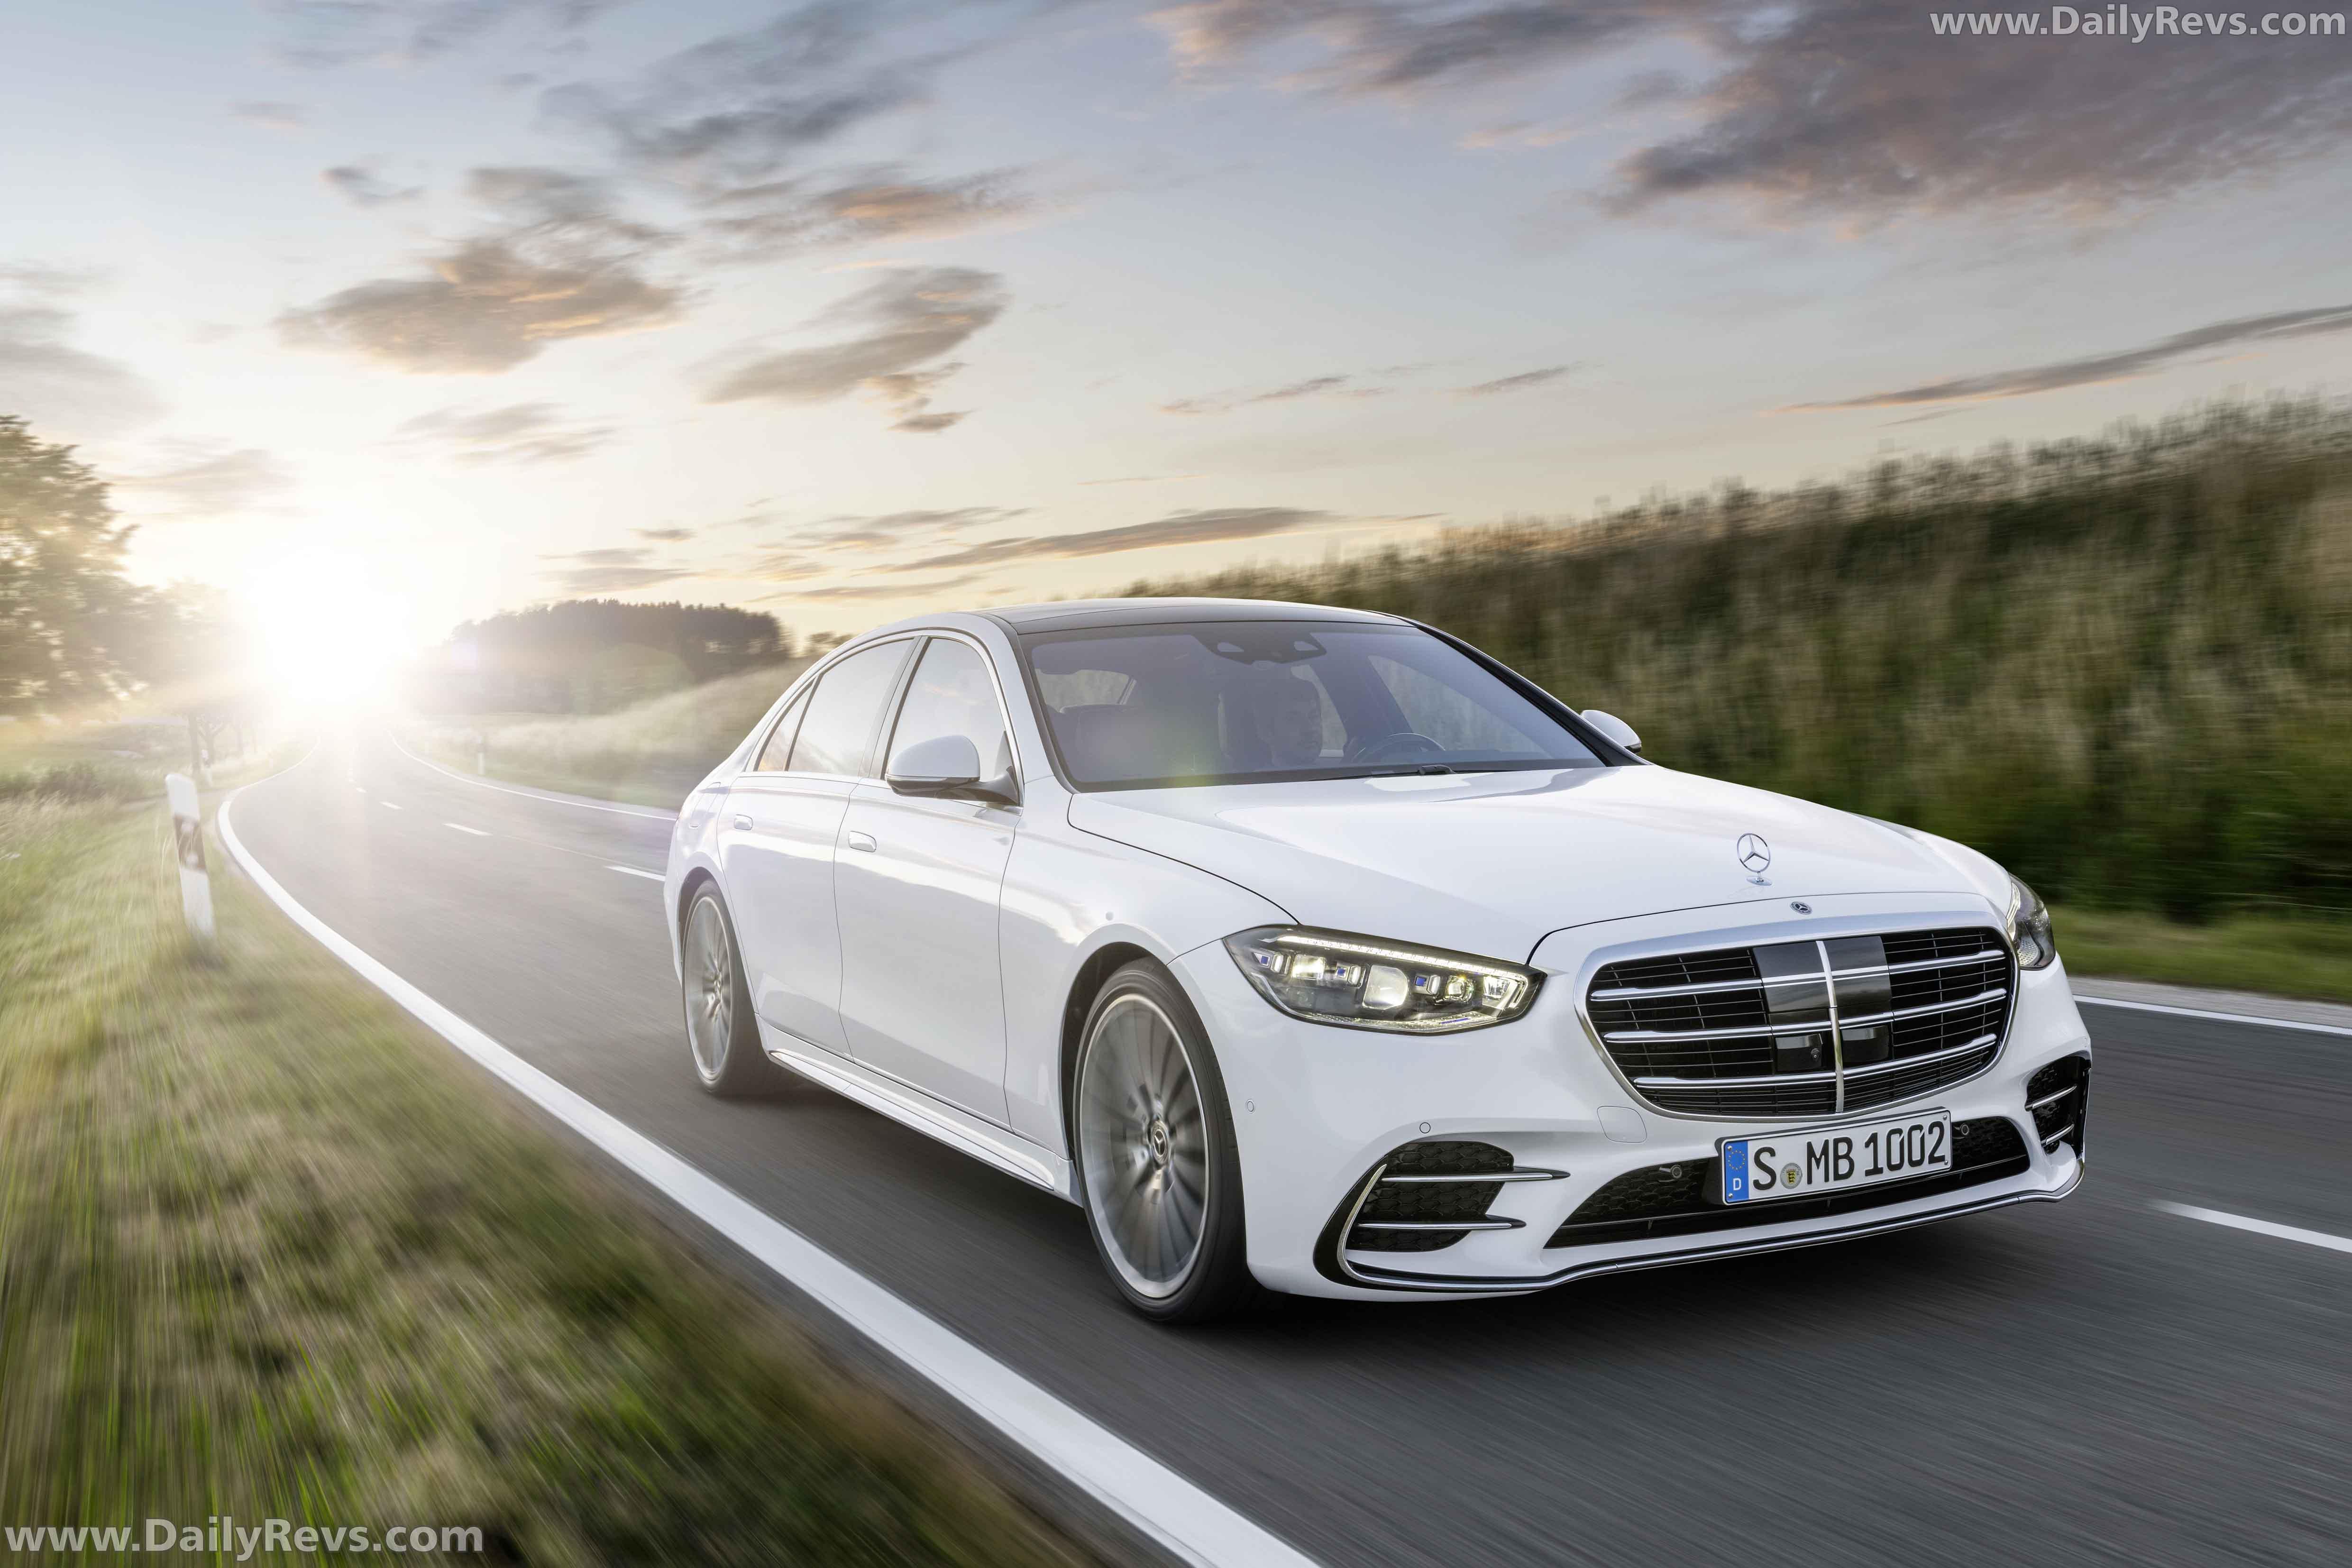 2021 Mercedes-Benz S-Class - Dailyrevs